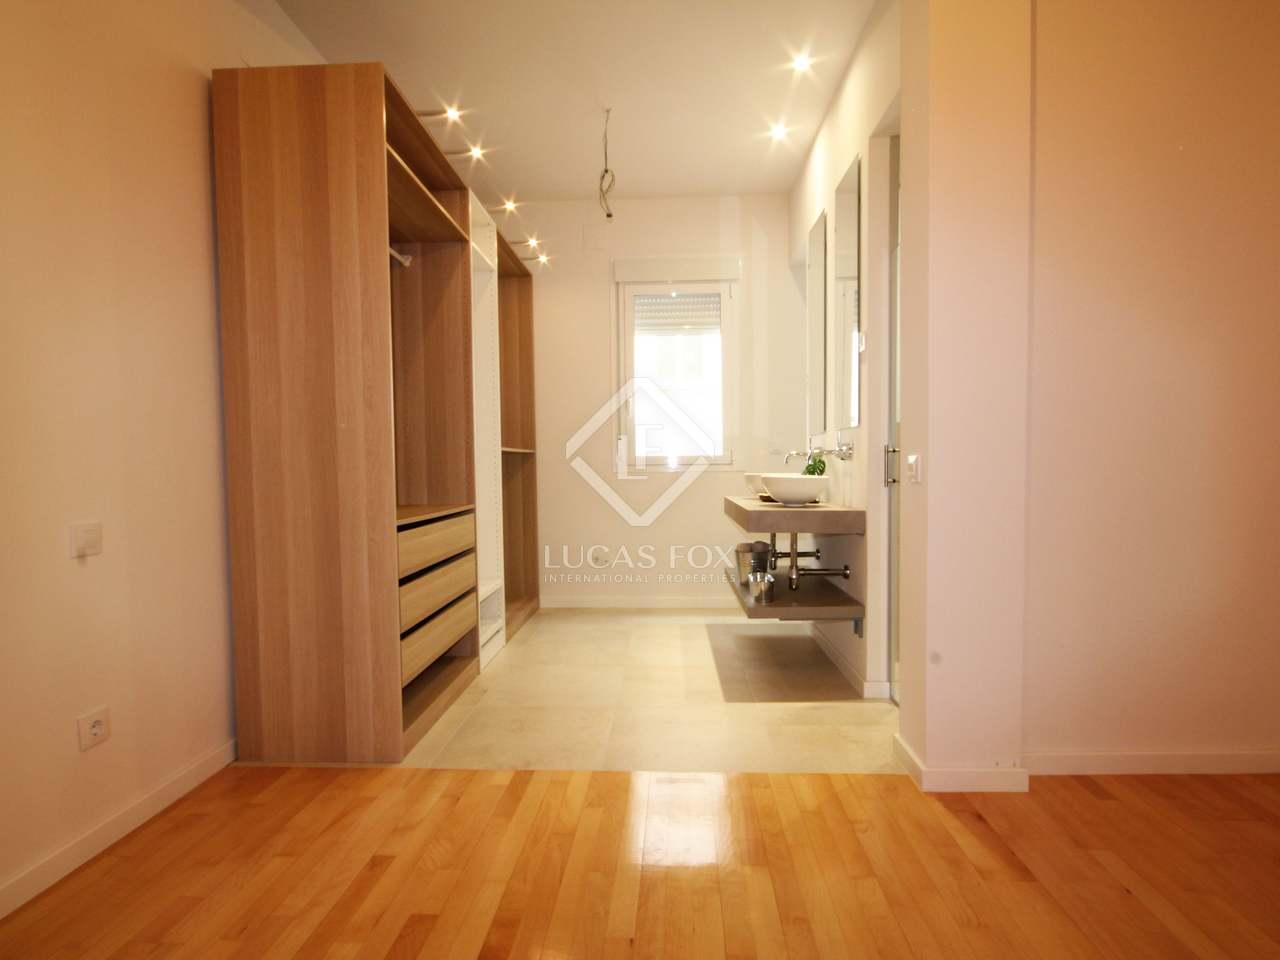 Piso de 130 m en alquiler en lista madrid for Piso 3 habitaciones madrid